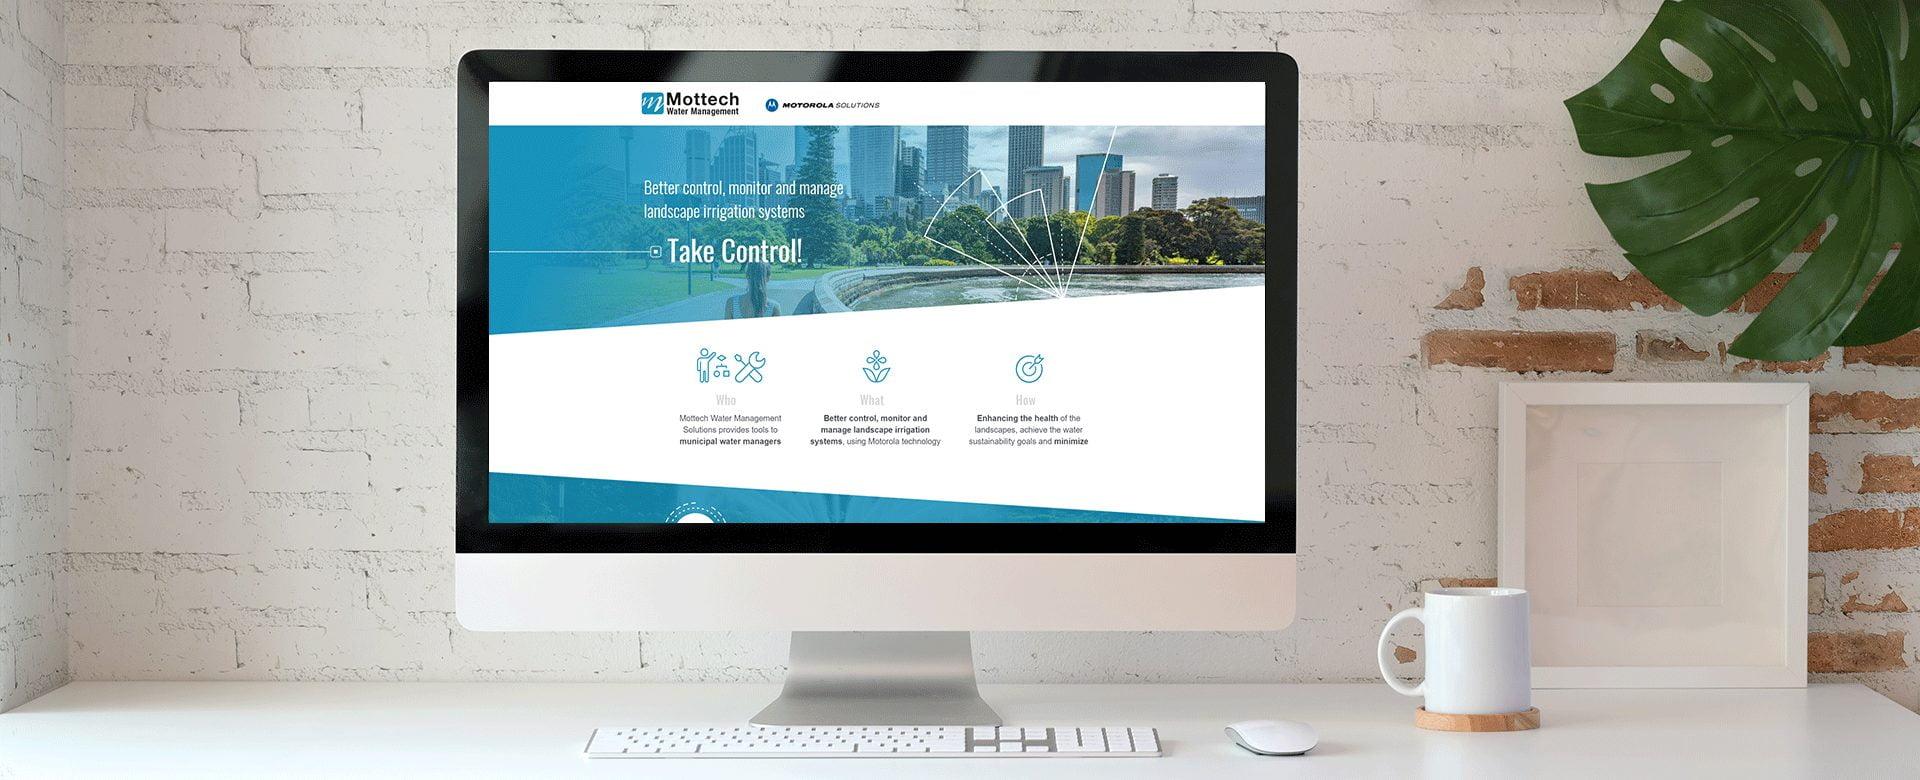 mottech landing page